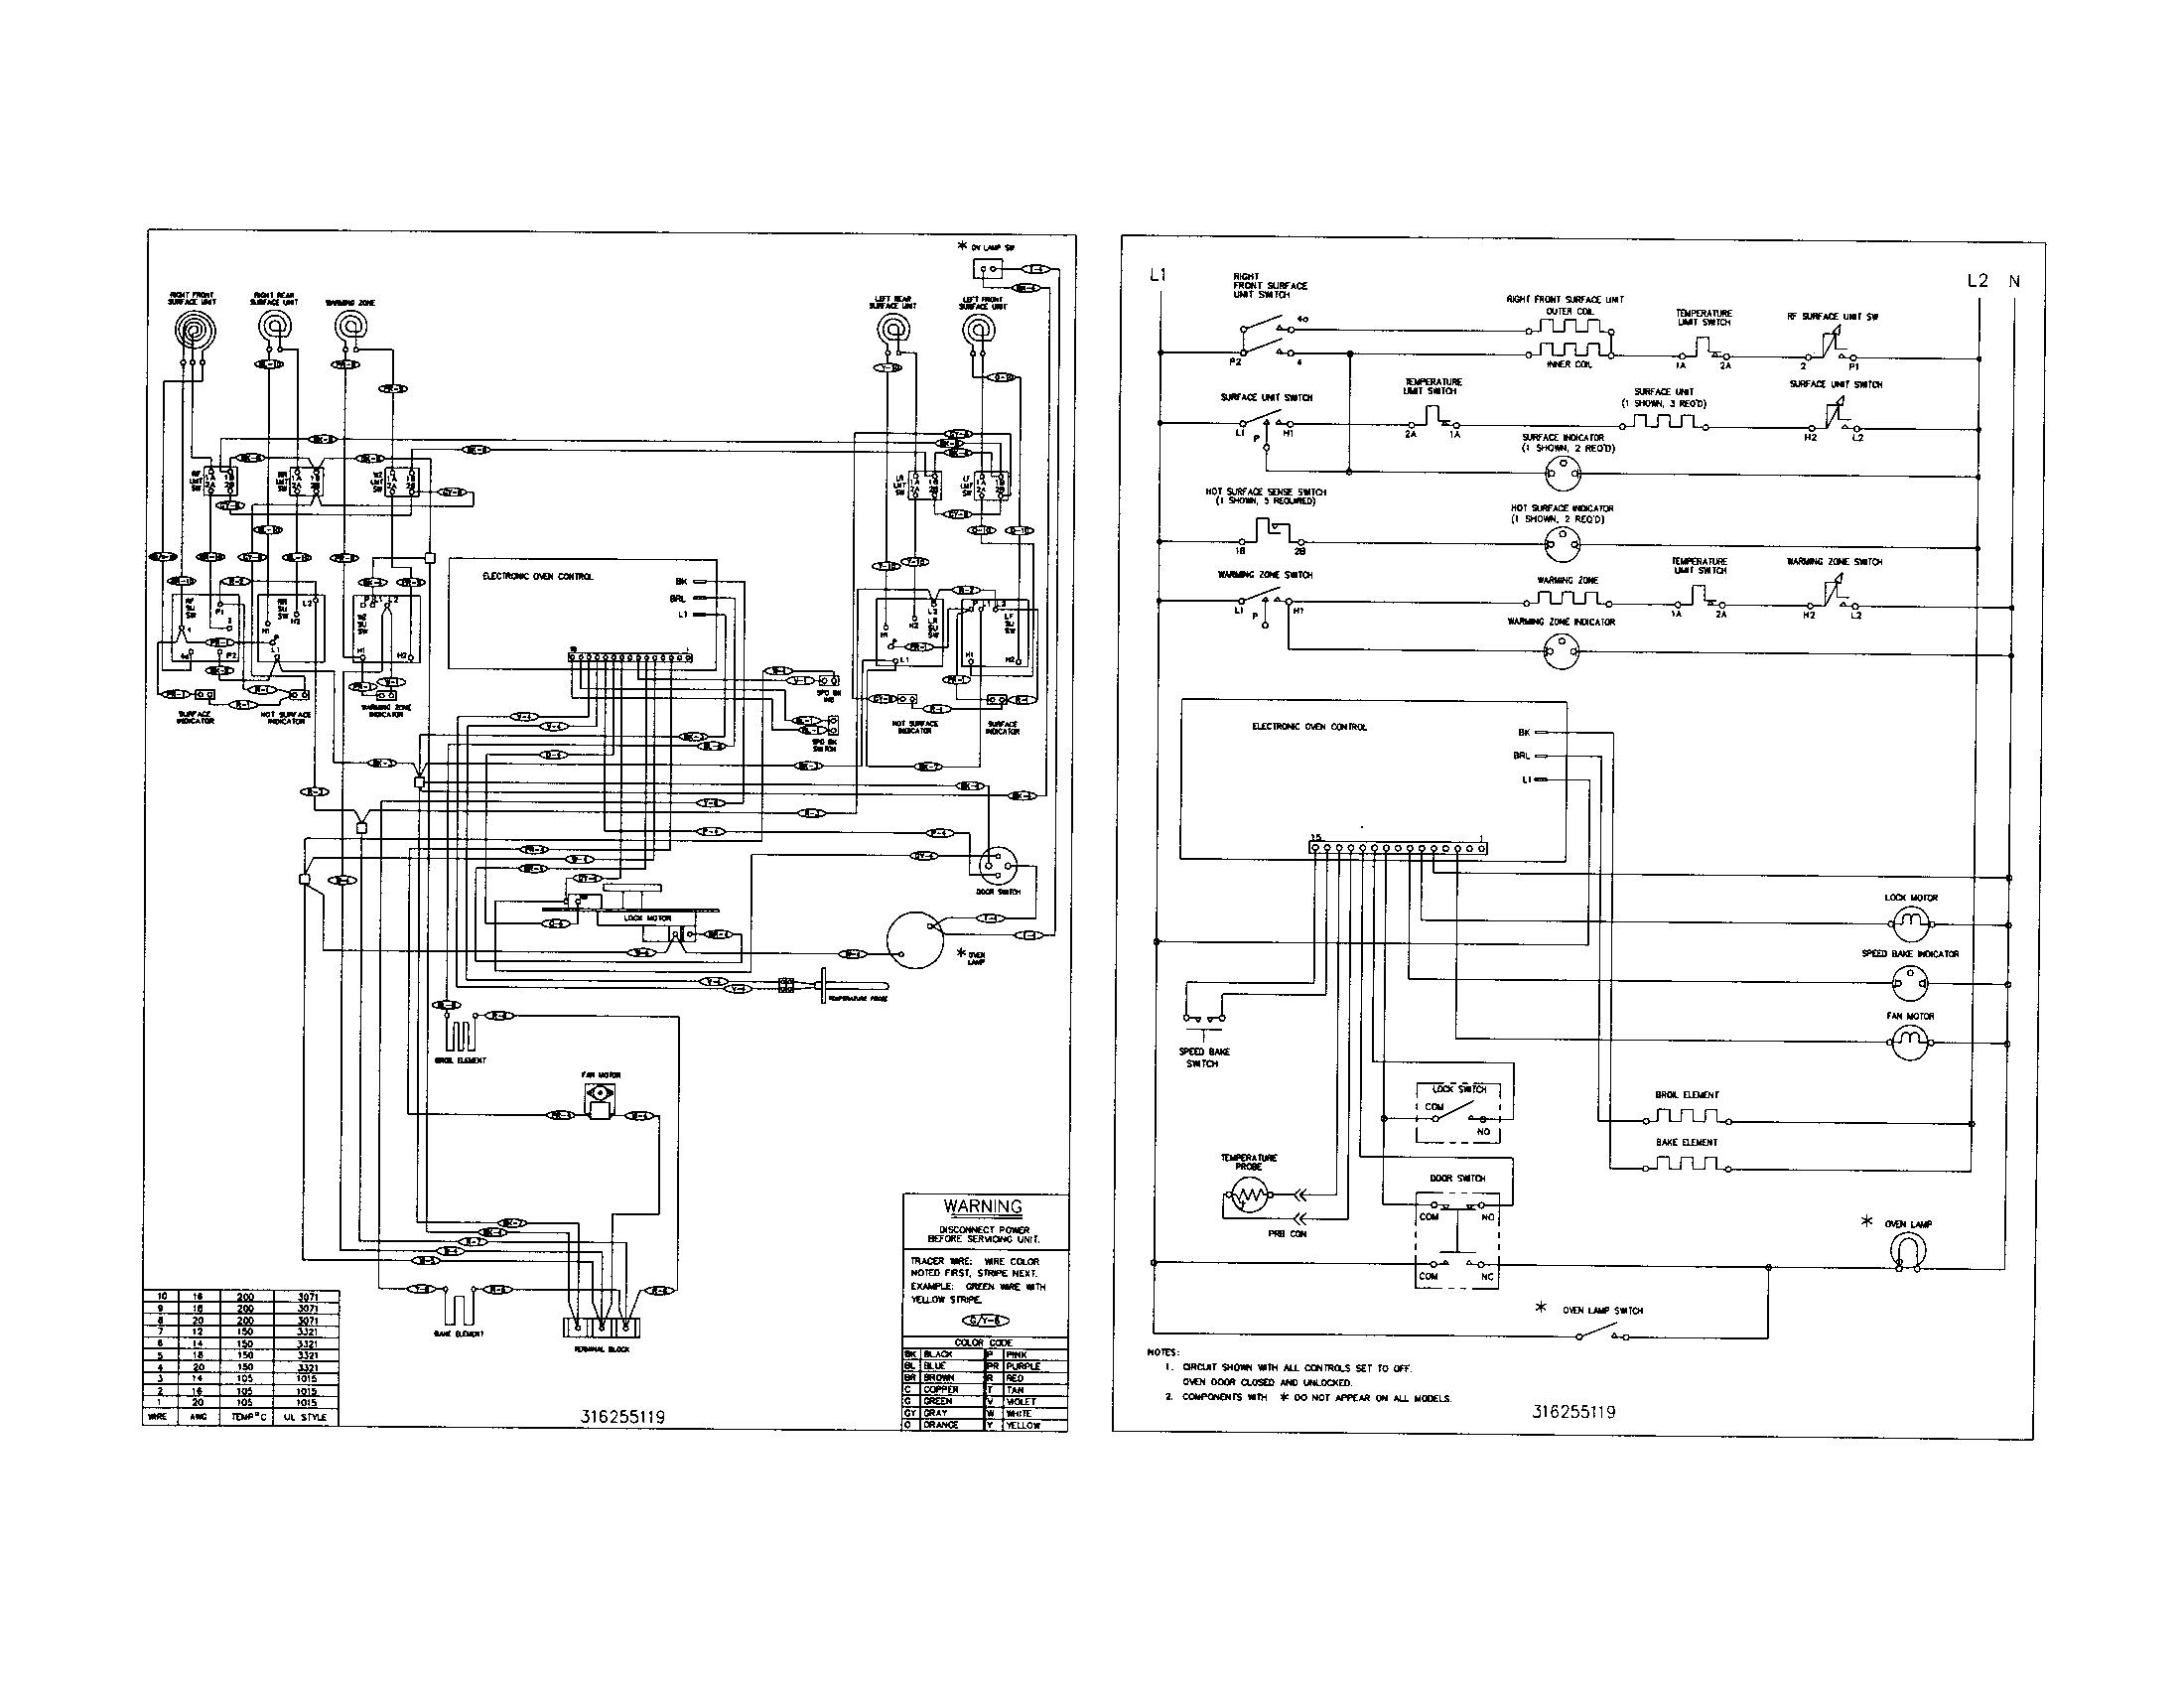 wiring diagram for defy gemini oven lovely defy gemini stove wiring diagram wiring solutions